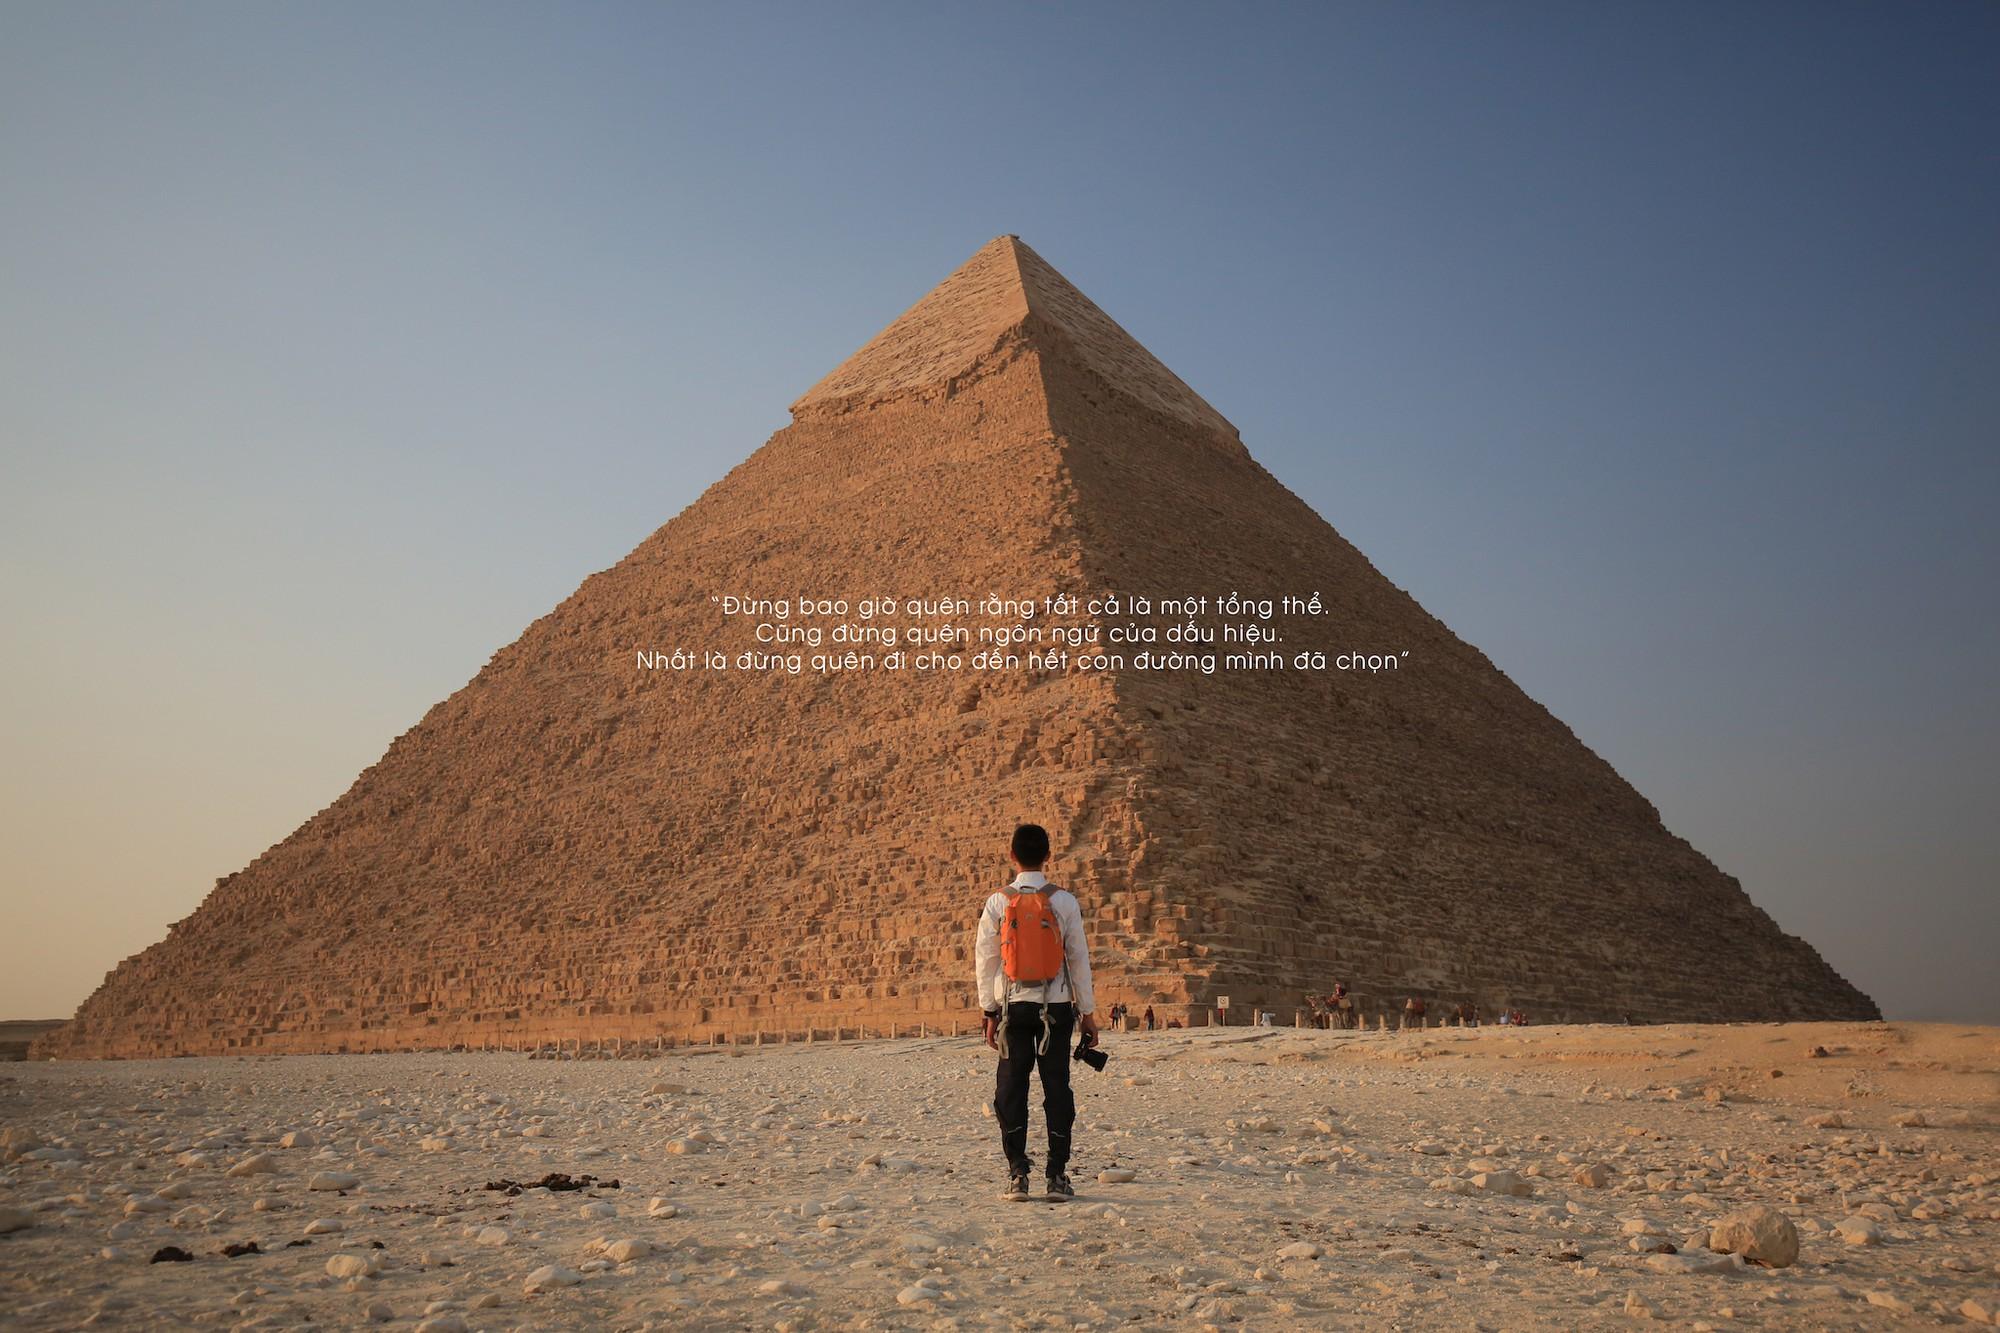 Ai Cập đẹp hơn tất cả những gì chúng ta vẫn tưởng tượng trong bộ ảnh mới nhất của Tâm Bùi - Ảnh 2.